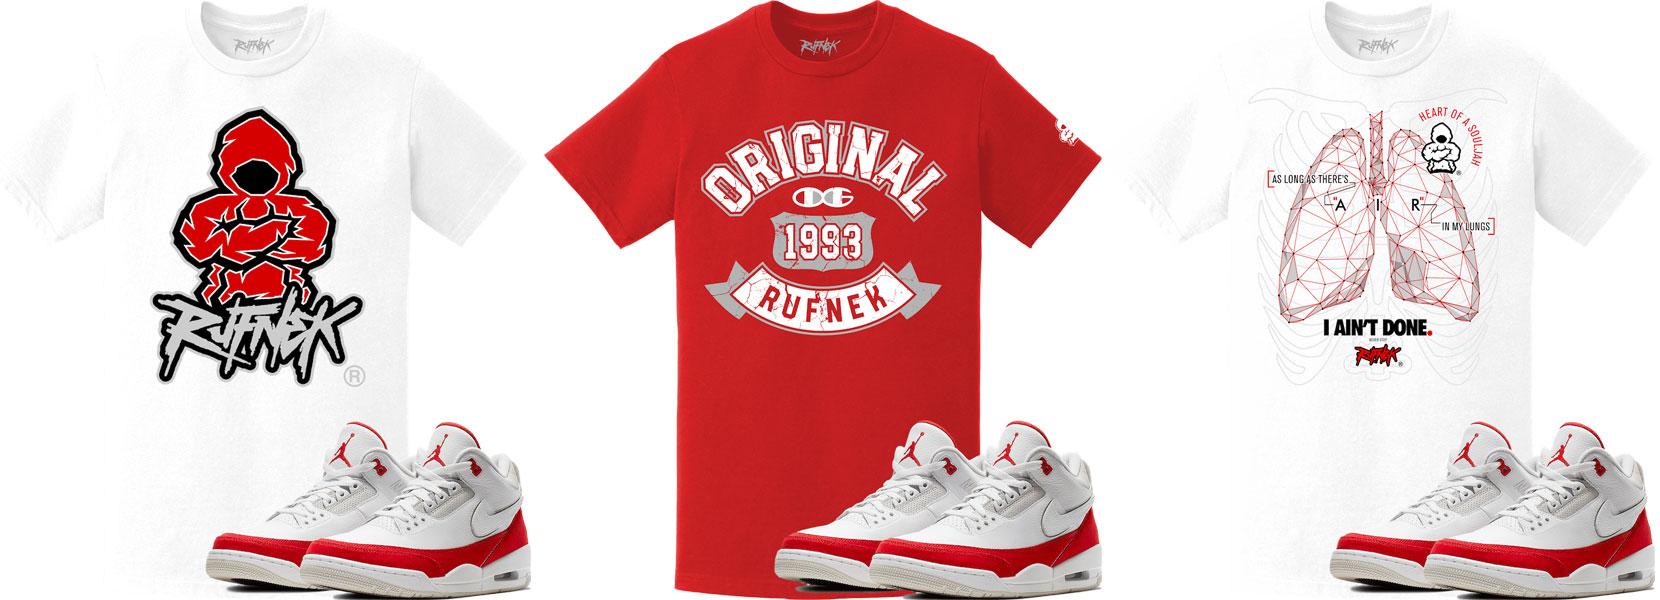 jordan-3-tinker-air-max-1-sneaker-shirts-rufnek